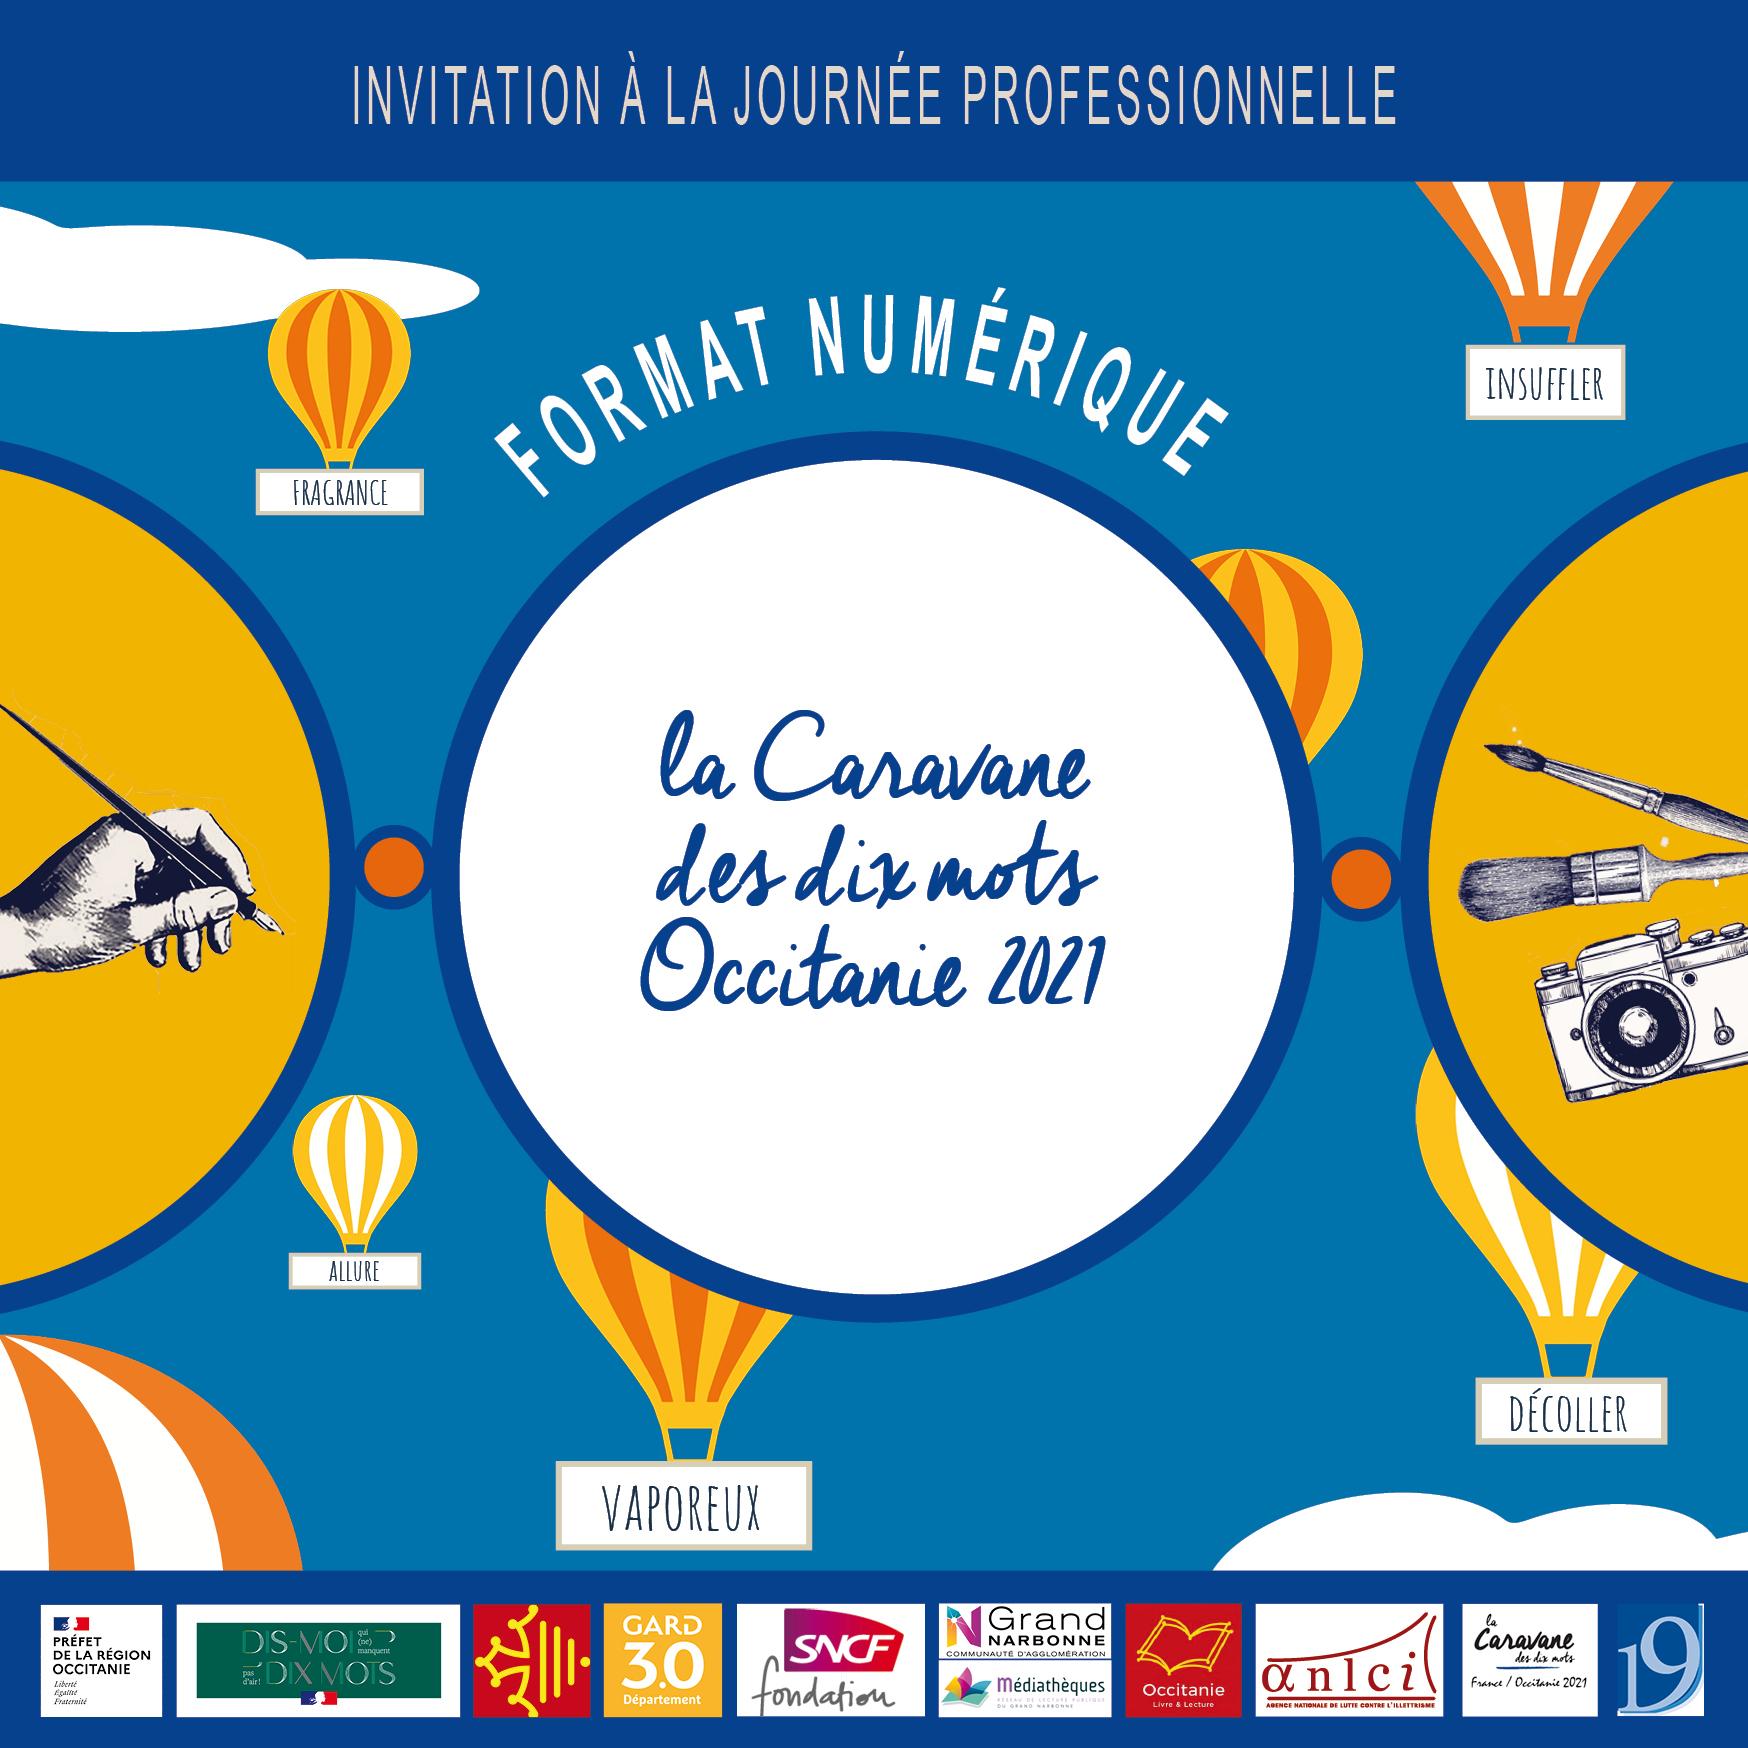 La Journée professionnelle de la Caravane des dix mots Occitanie 2021 se déroulera à distance le 25 mars 2021